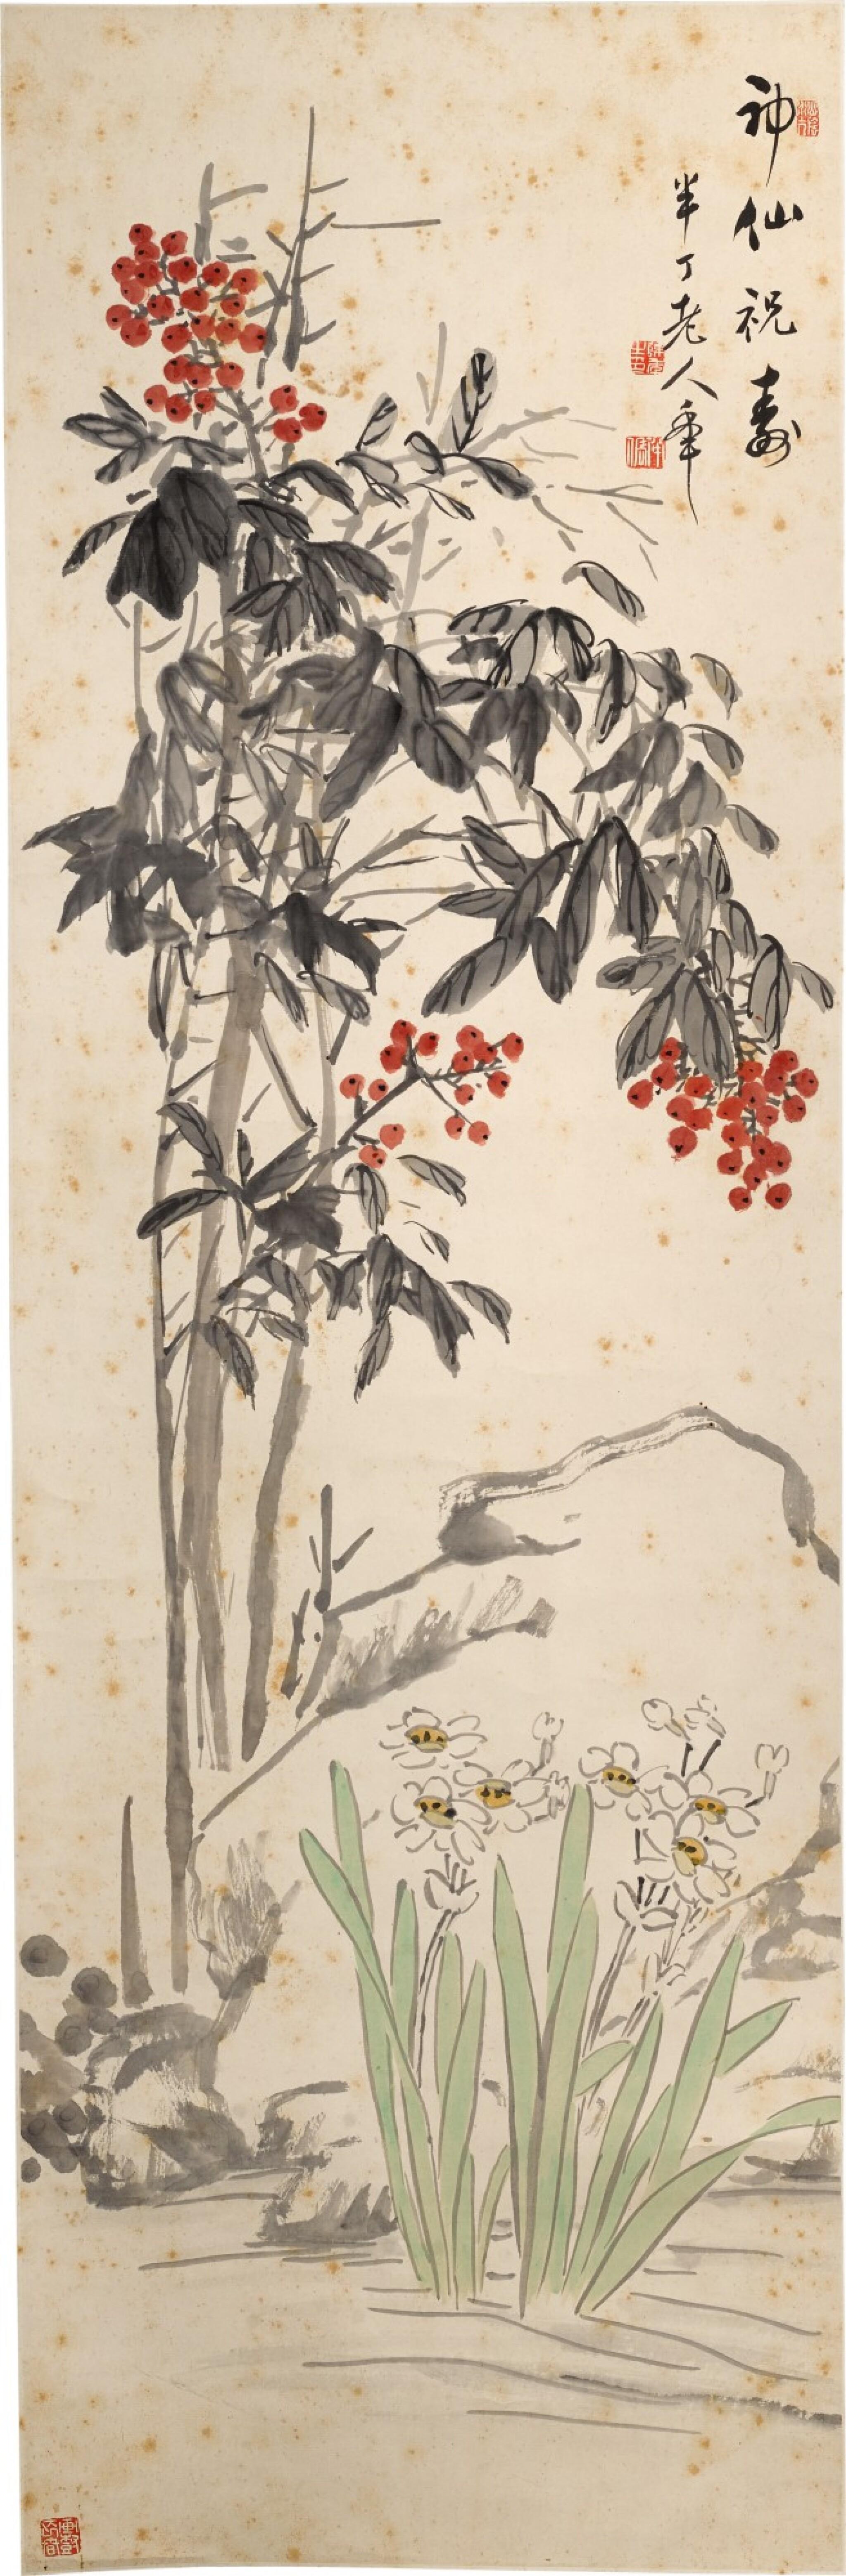 View full screen - View 1 of Lot 51. CHEN BANDING (1877-1970)  NARCISSUS | 陳半丁 (1877-1970年) 《神仙祝壽》  設色紙本 立軸.